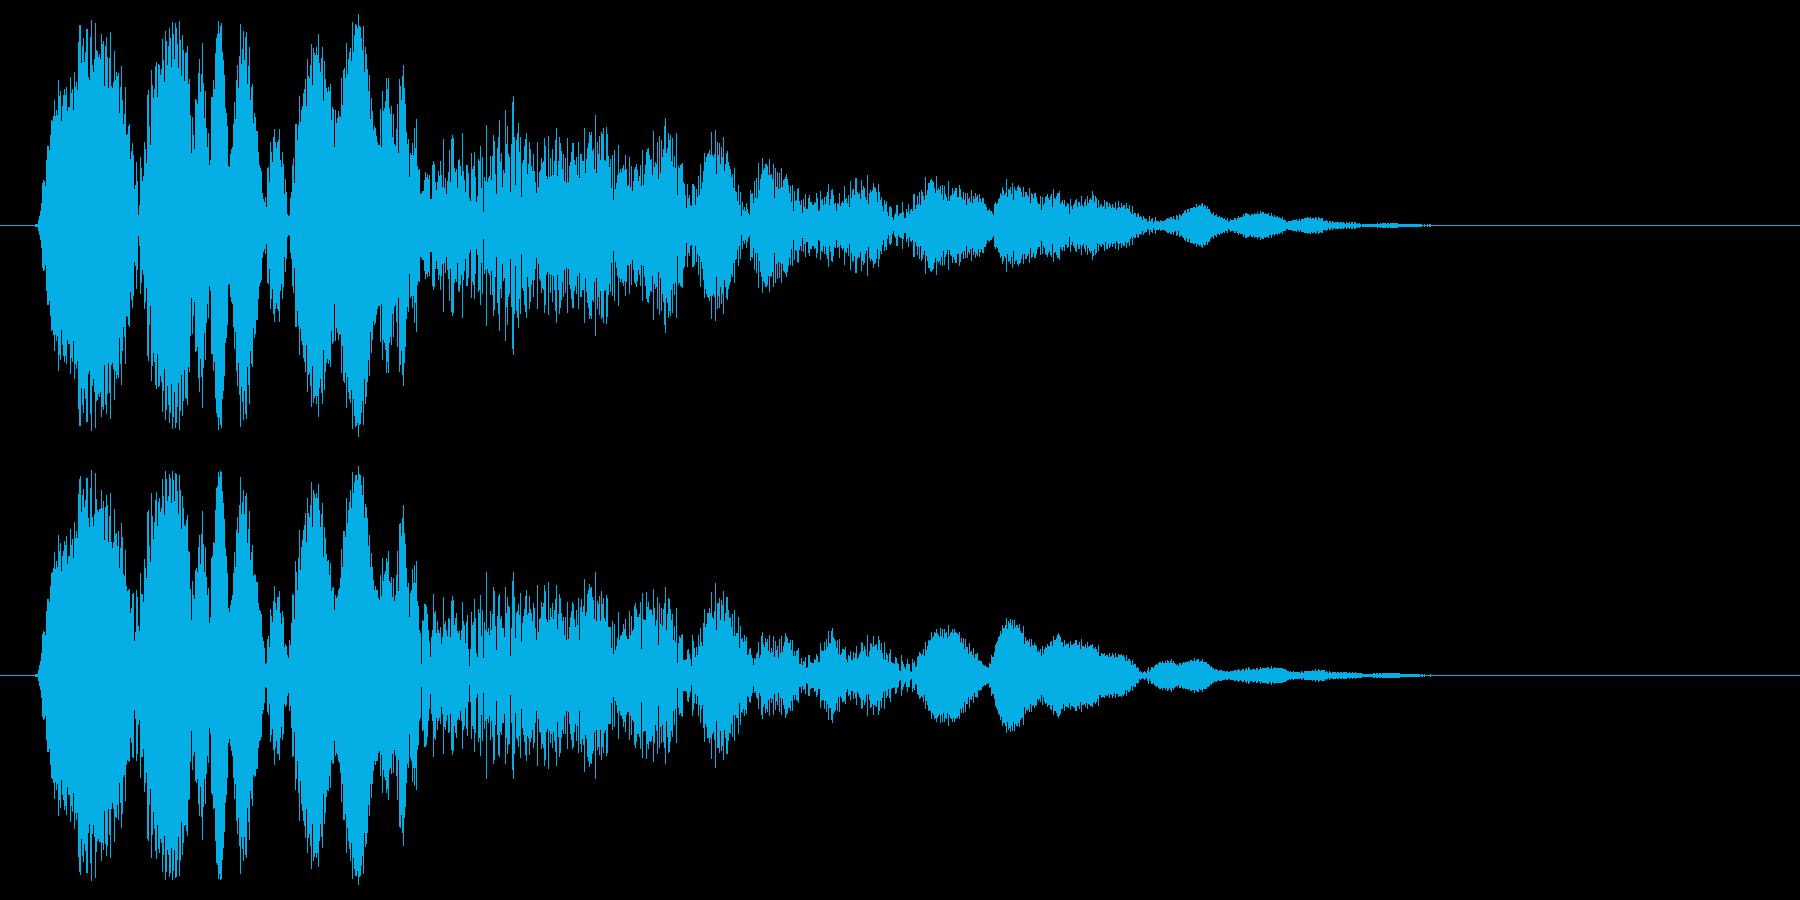 プェ〜ン(ビーム音)の再生済みの波形